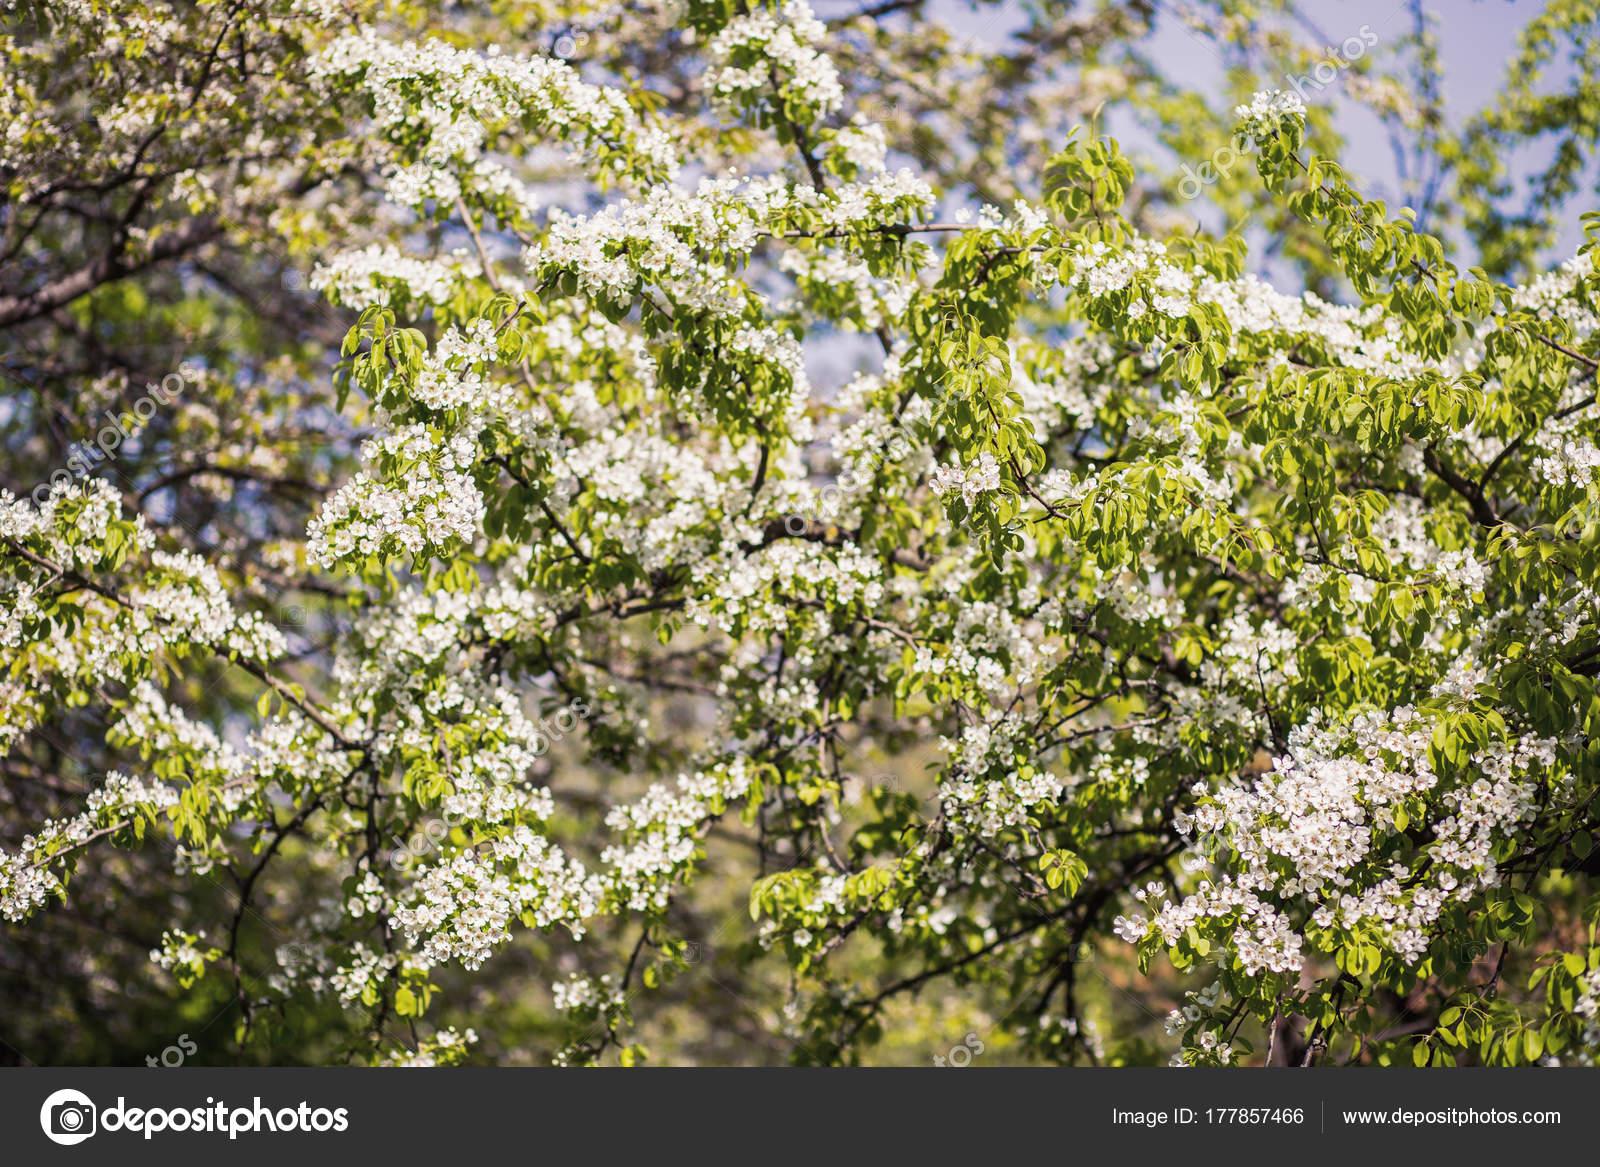 fond fleur printemps arbre fleur impression printemps branche arbre